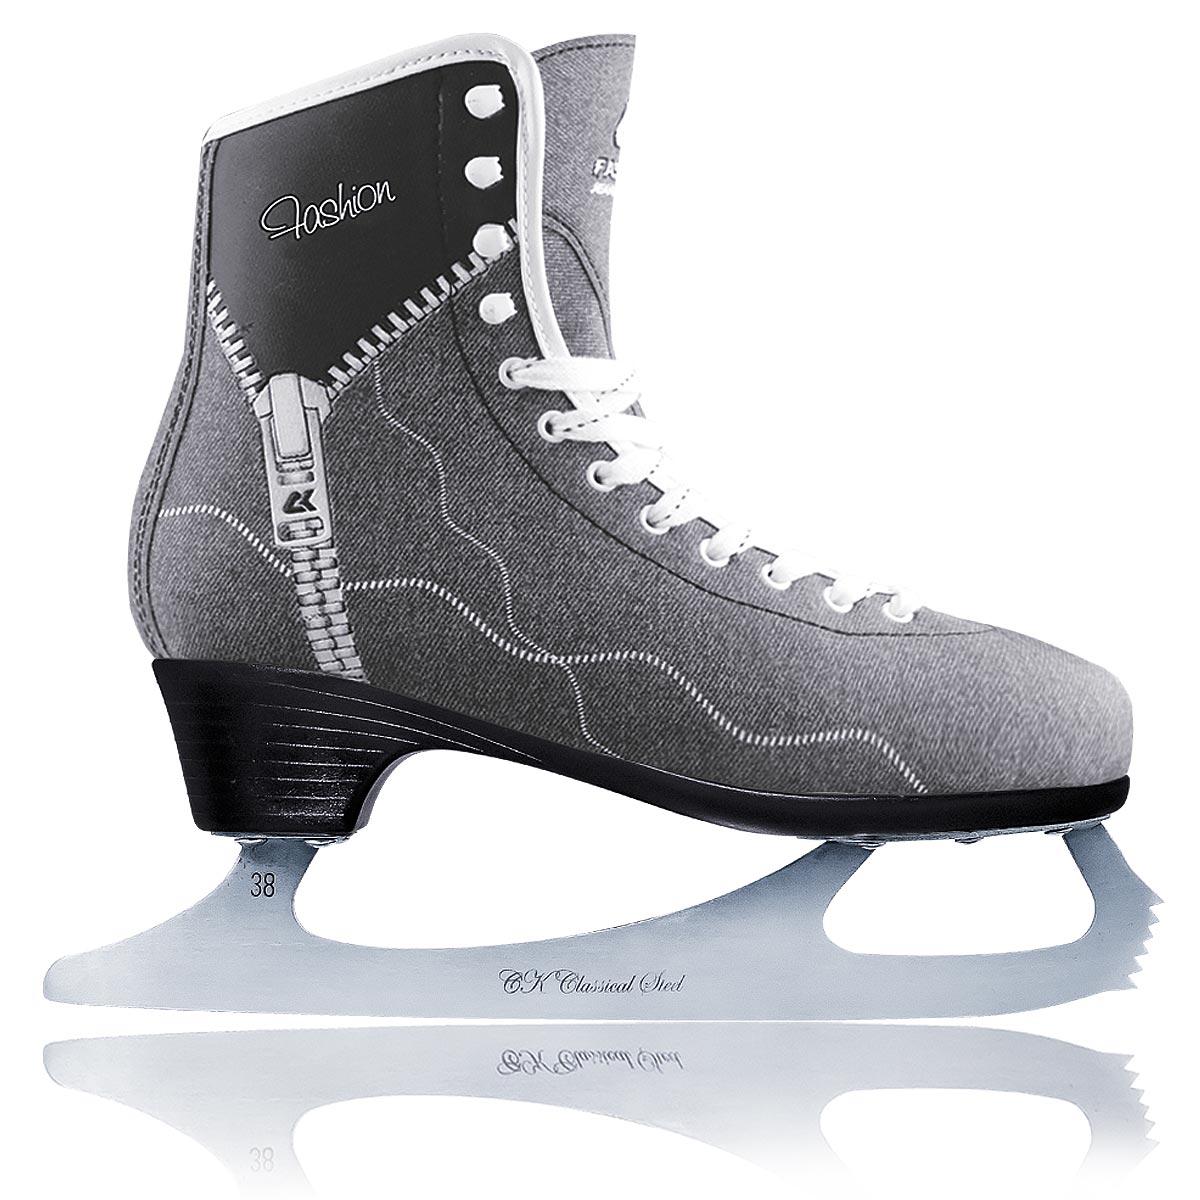 Коньки фигурные женские Fashion Lux JeansFASHION LUX jeansЖенские фигурные коньки от CK Fashion Lux Jeans идеально подойдут для любительского катания. Модель с высокой, плотной колодкой и усиленным задником, обеспечивающим боковую поддержку ноги, выполнена из синтетического материала на виниловой основе, который обработан водоотталкивающей пропиткой, и дополнен на берцах нашивкой из искусственной кожи. Внутренняя поверхность исполнена из искусственного меха, стелька - из текстиля. Язычок, изготовленный из войлока, обеспечит тепло и комфорт во время катания. Плотная классическая шнуровка надежно фиксирует модель на ноге. Коньки оформлены оригинальным принтом под джинсу и дополнены с одной из боковых сторон тиснением в виде молнии и логотипа бренда. Подошва - из твердого пластика. Лезвие из нержавеющей стали со специальным покрытием, придающим дополнительную прочность, обеспечит превосходное скольжение. Особенность данной модели заключается в поддержке голеностопа и в том, что каблук визуально сливается с основной подошвой,...